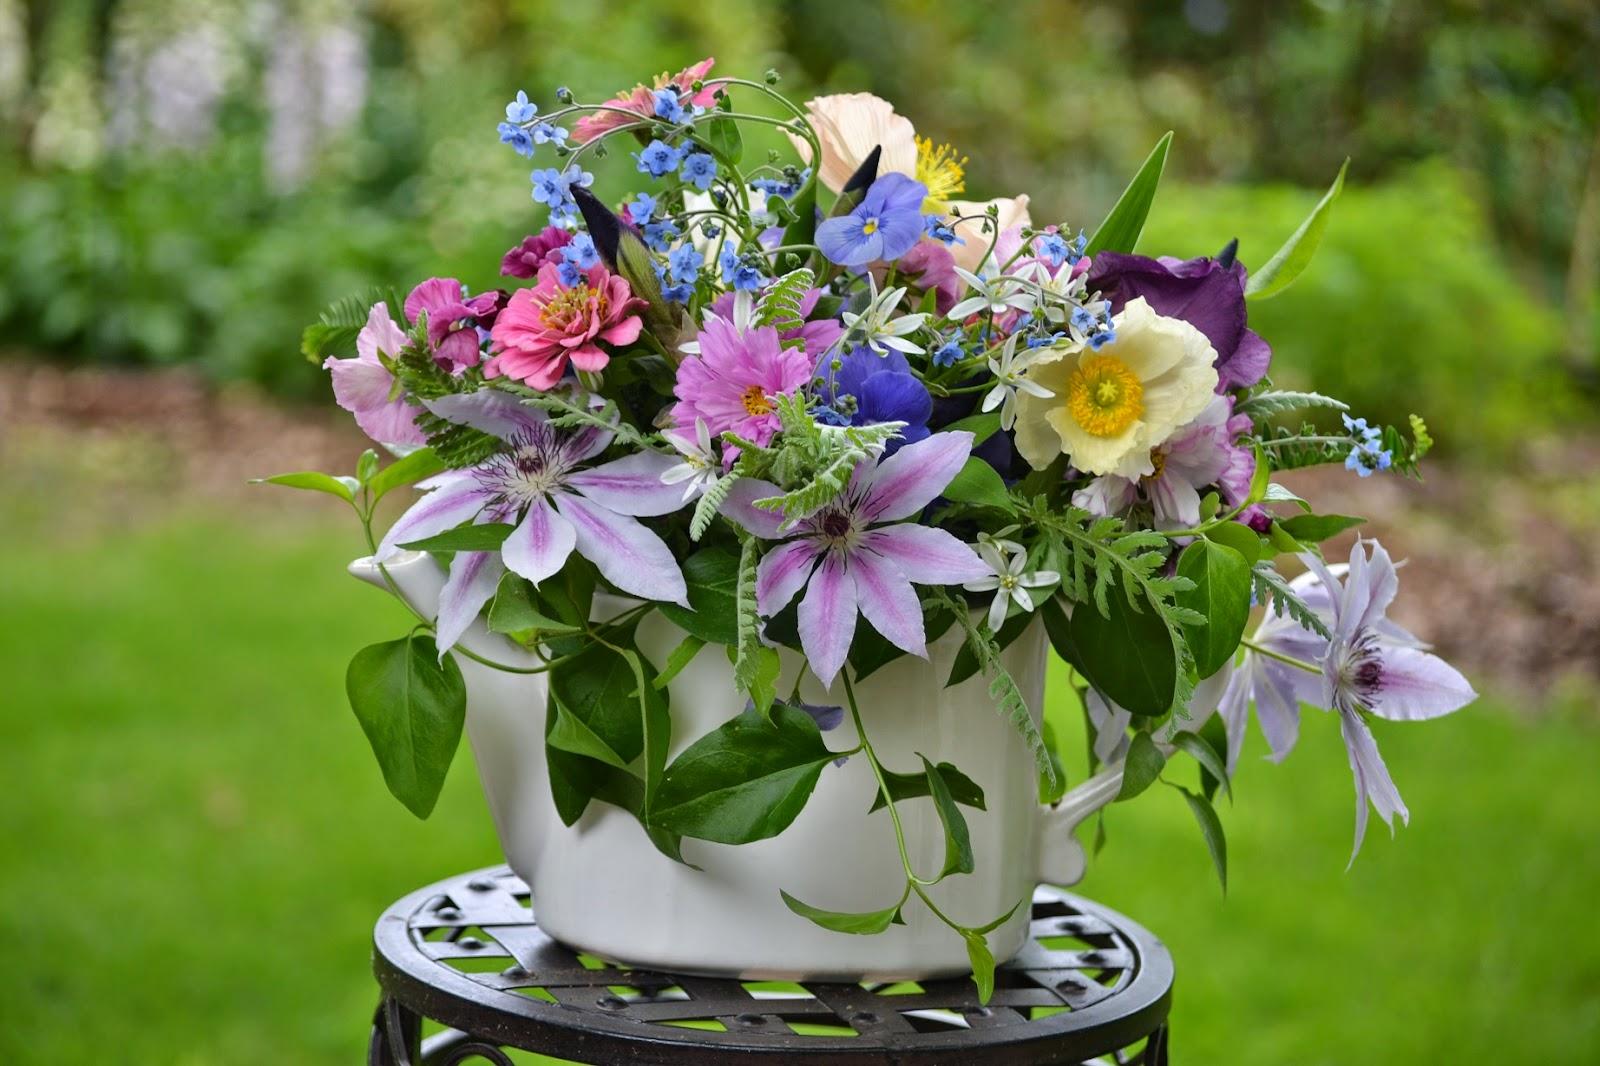 Wedding Flowers From Springwell: Locally Grown Wedding